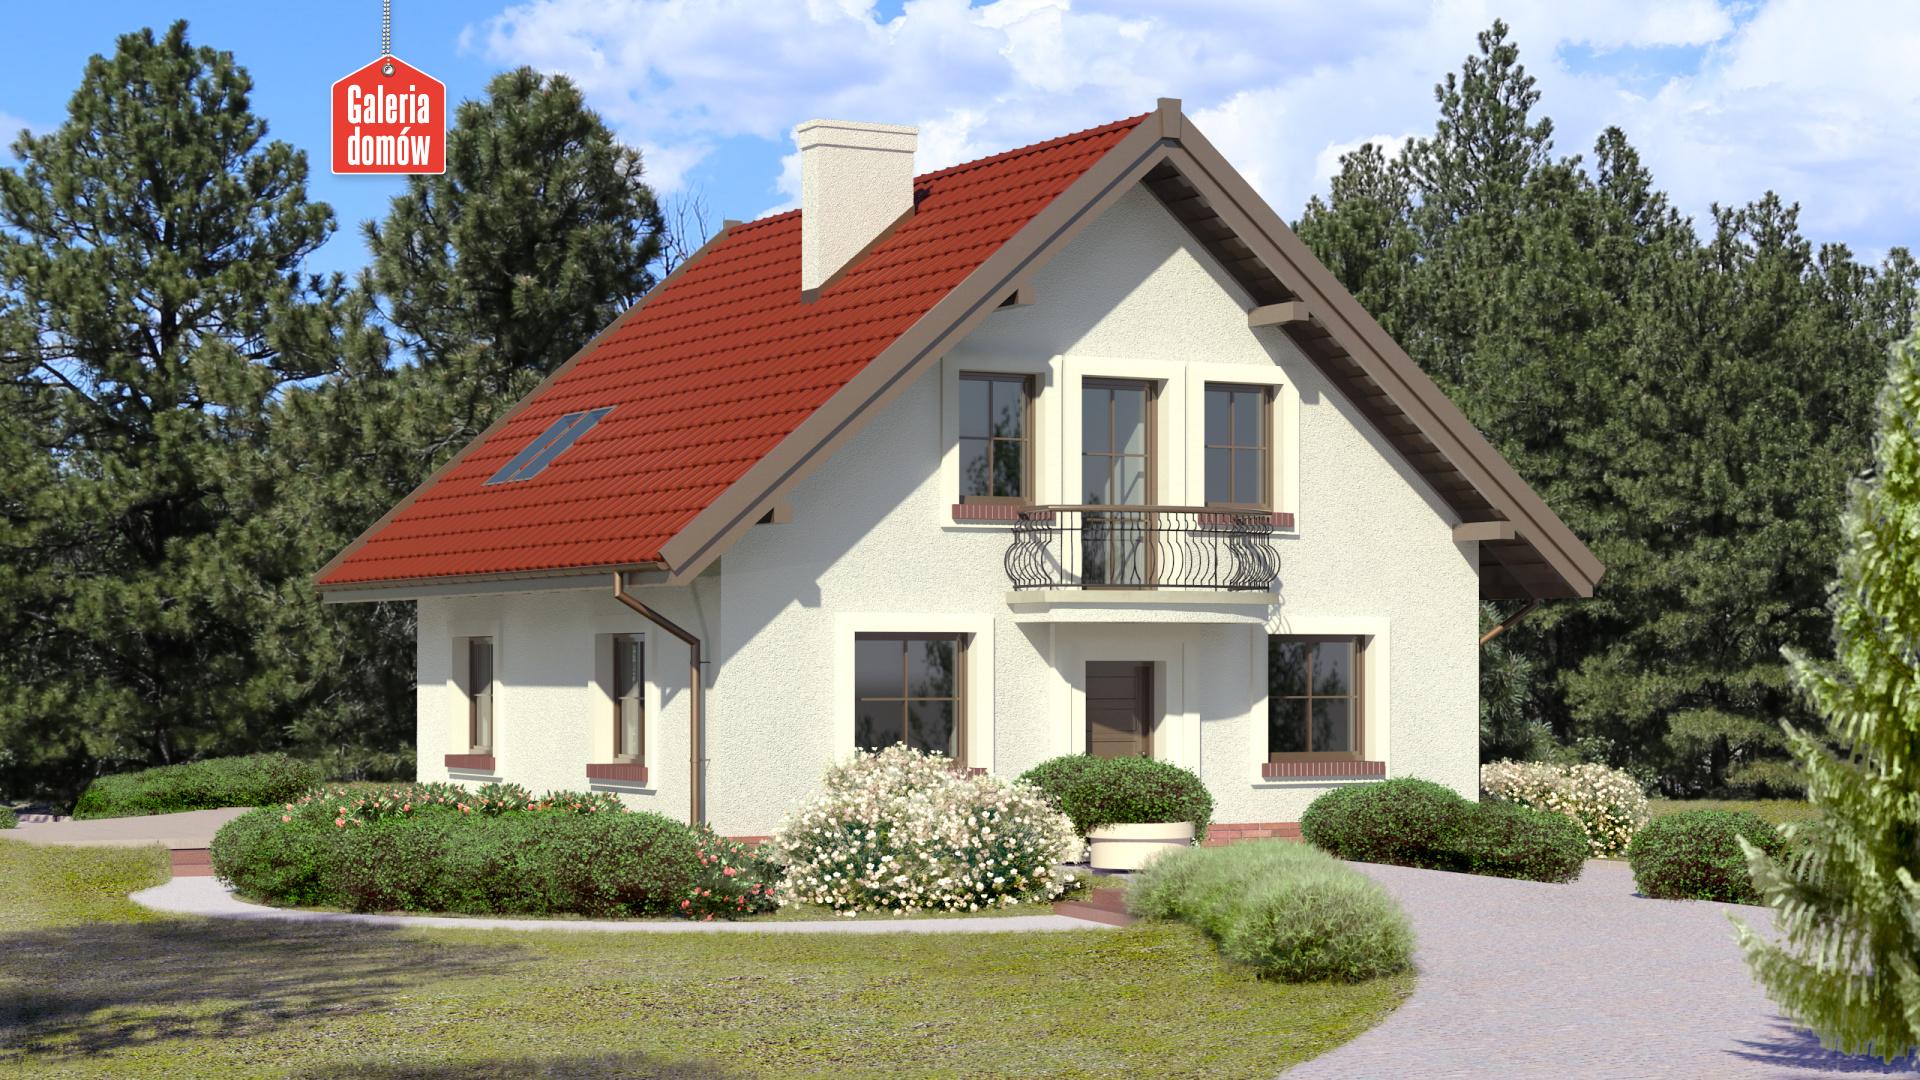 Dom przy Cyprysowej 46 - zdjęcie projektu i wizualizacja